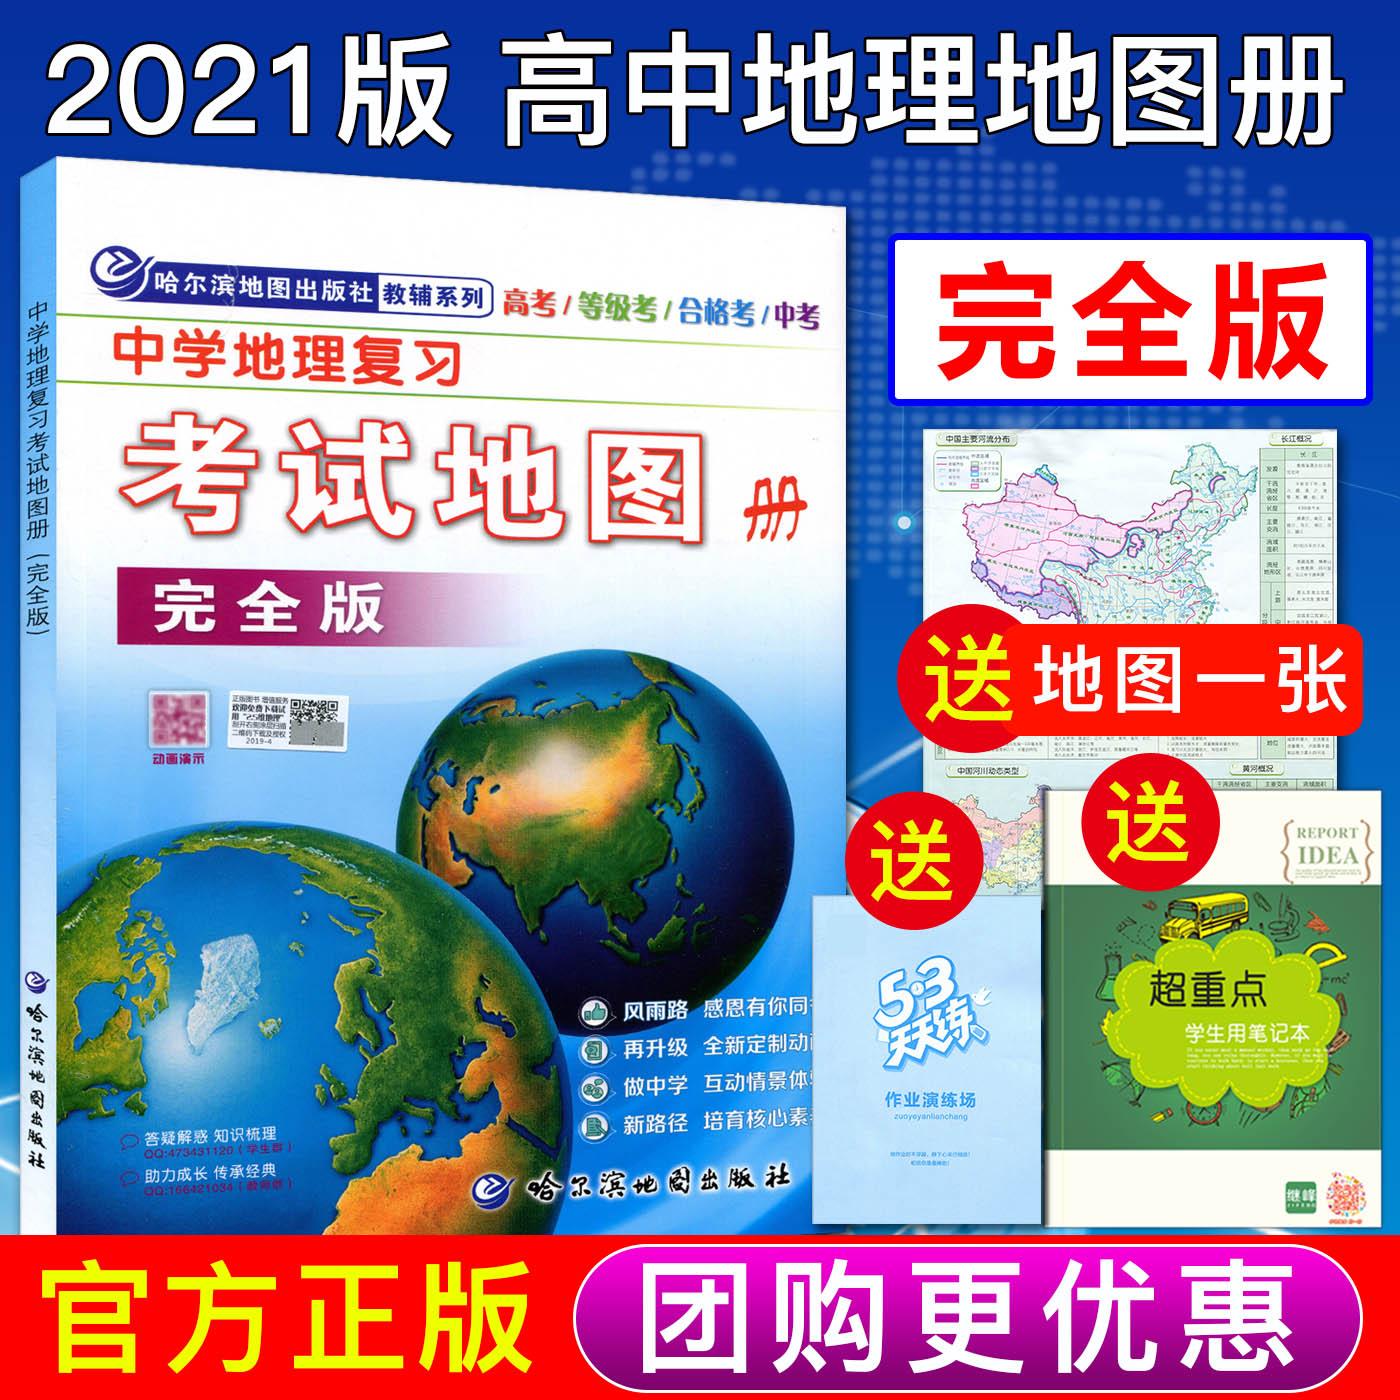 官方正版赠3样2021版中学地理复习考试地图册完全版 地理图册高中版高考地图册高中地理 高中地图挂图图文详解文综文科北斗地图册